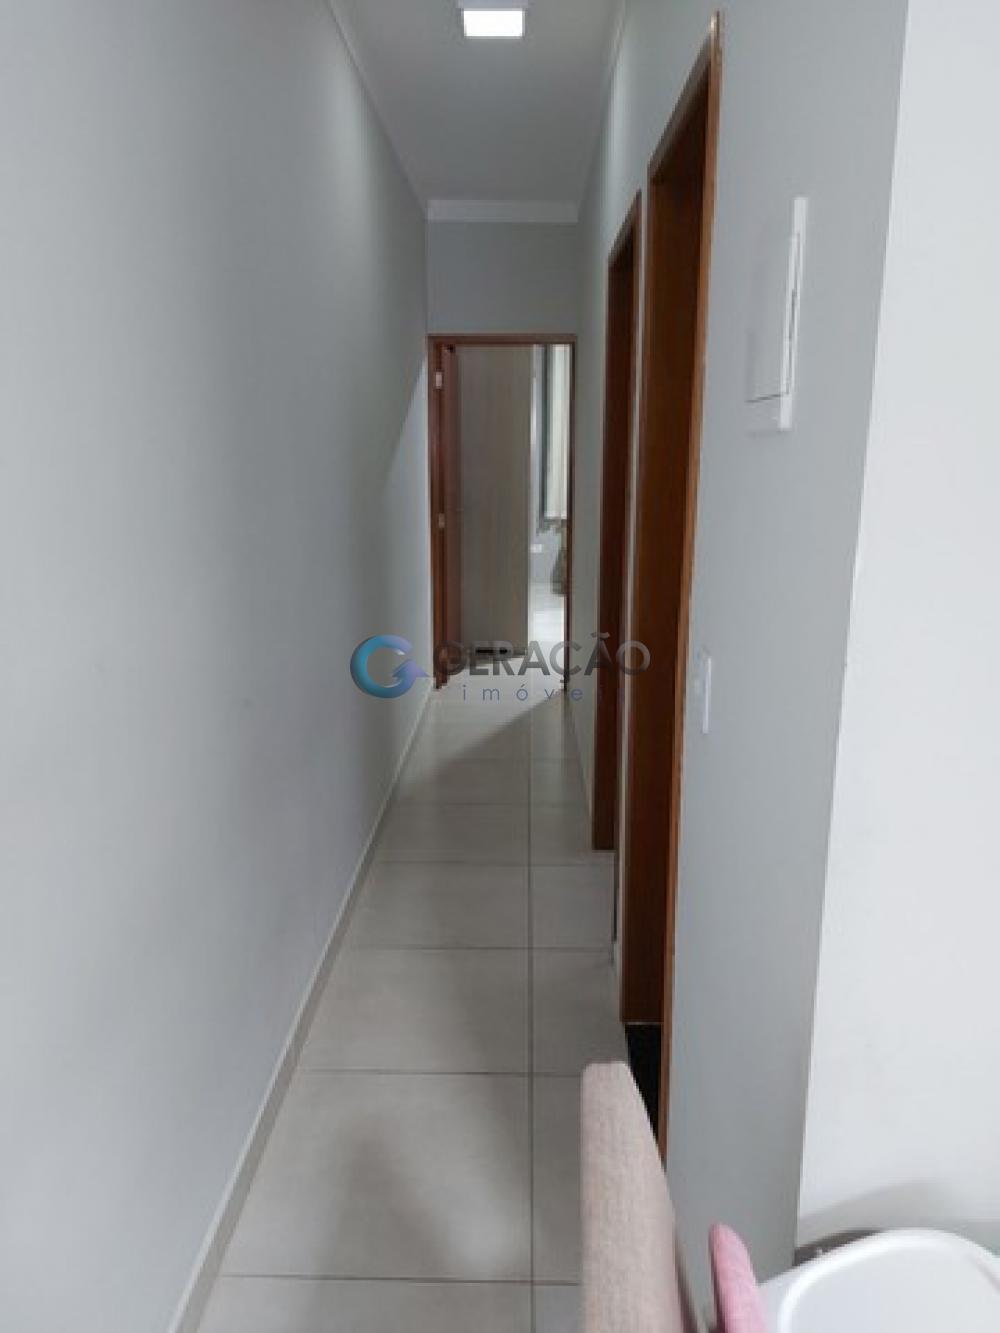 Comprar Casa / Padrão em São José dos Campos R$ 240.000,00 - Foto 5